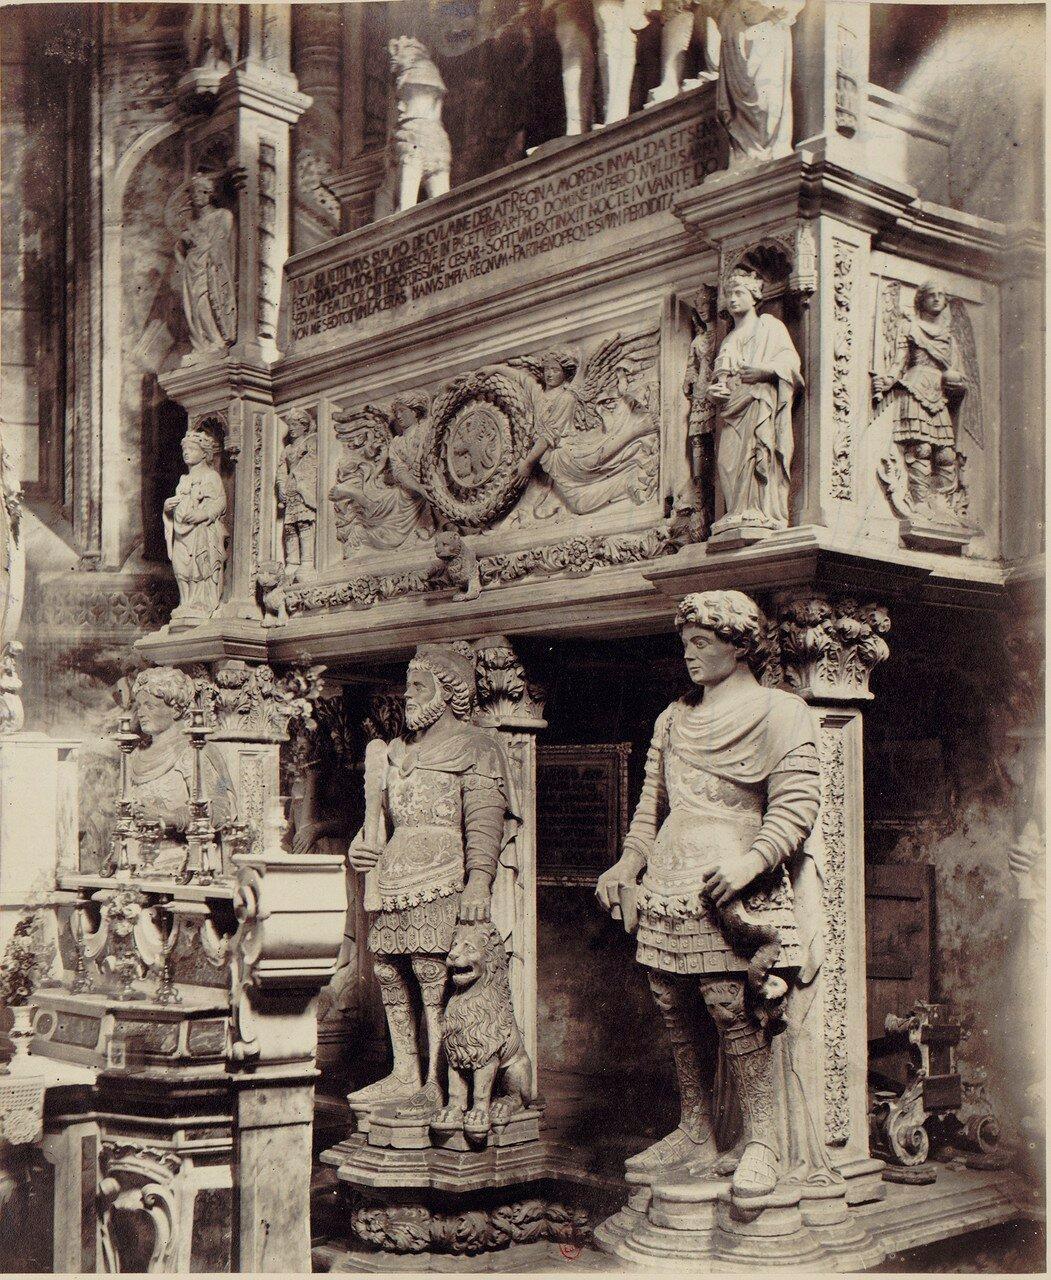 31. Церковь Святого Иоанна на ул.Карбонара. Гробницы Великого сенешаля Караччоло и королевы Жанна II